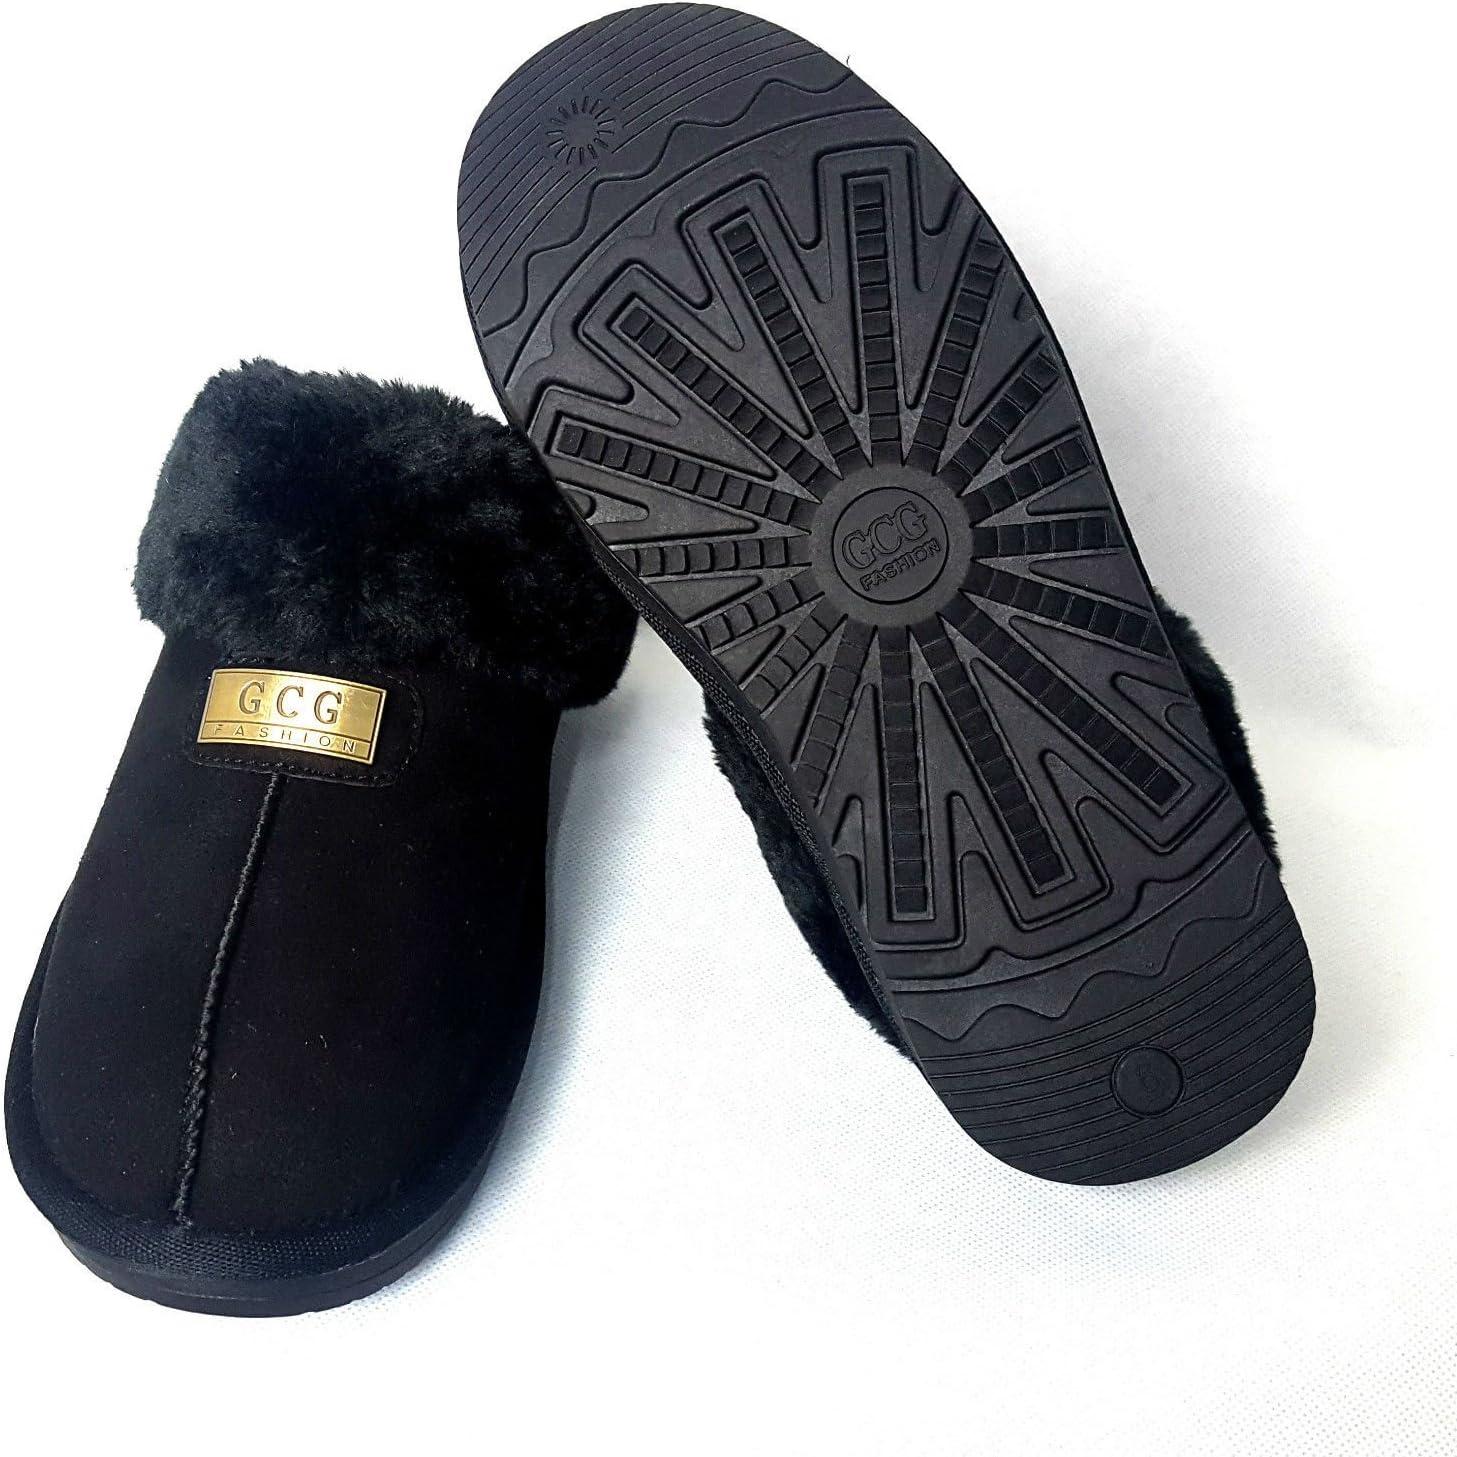 GCG Chaussons pour femme en imitation peau de mouton et semelle rigide antid/érapante Synth/étique noir 4